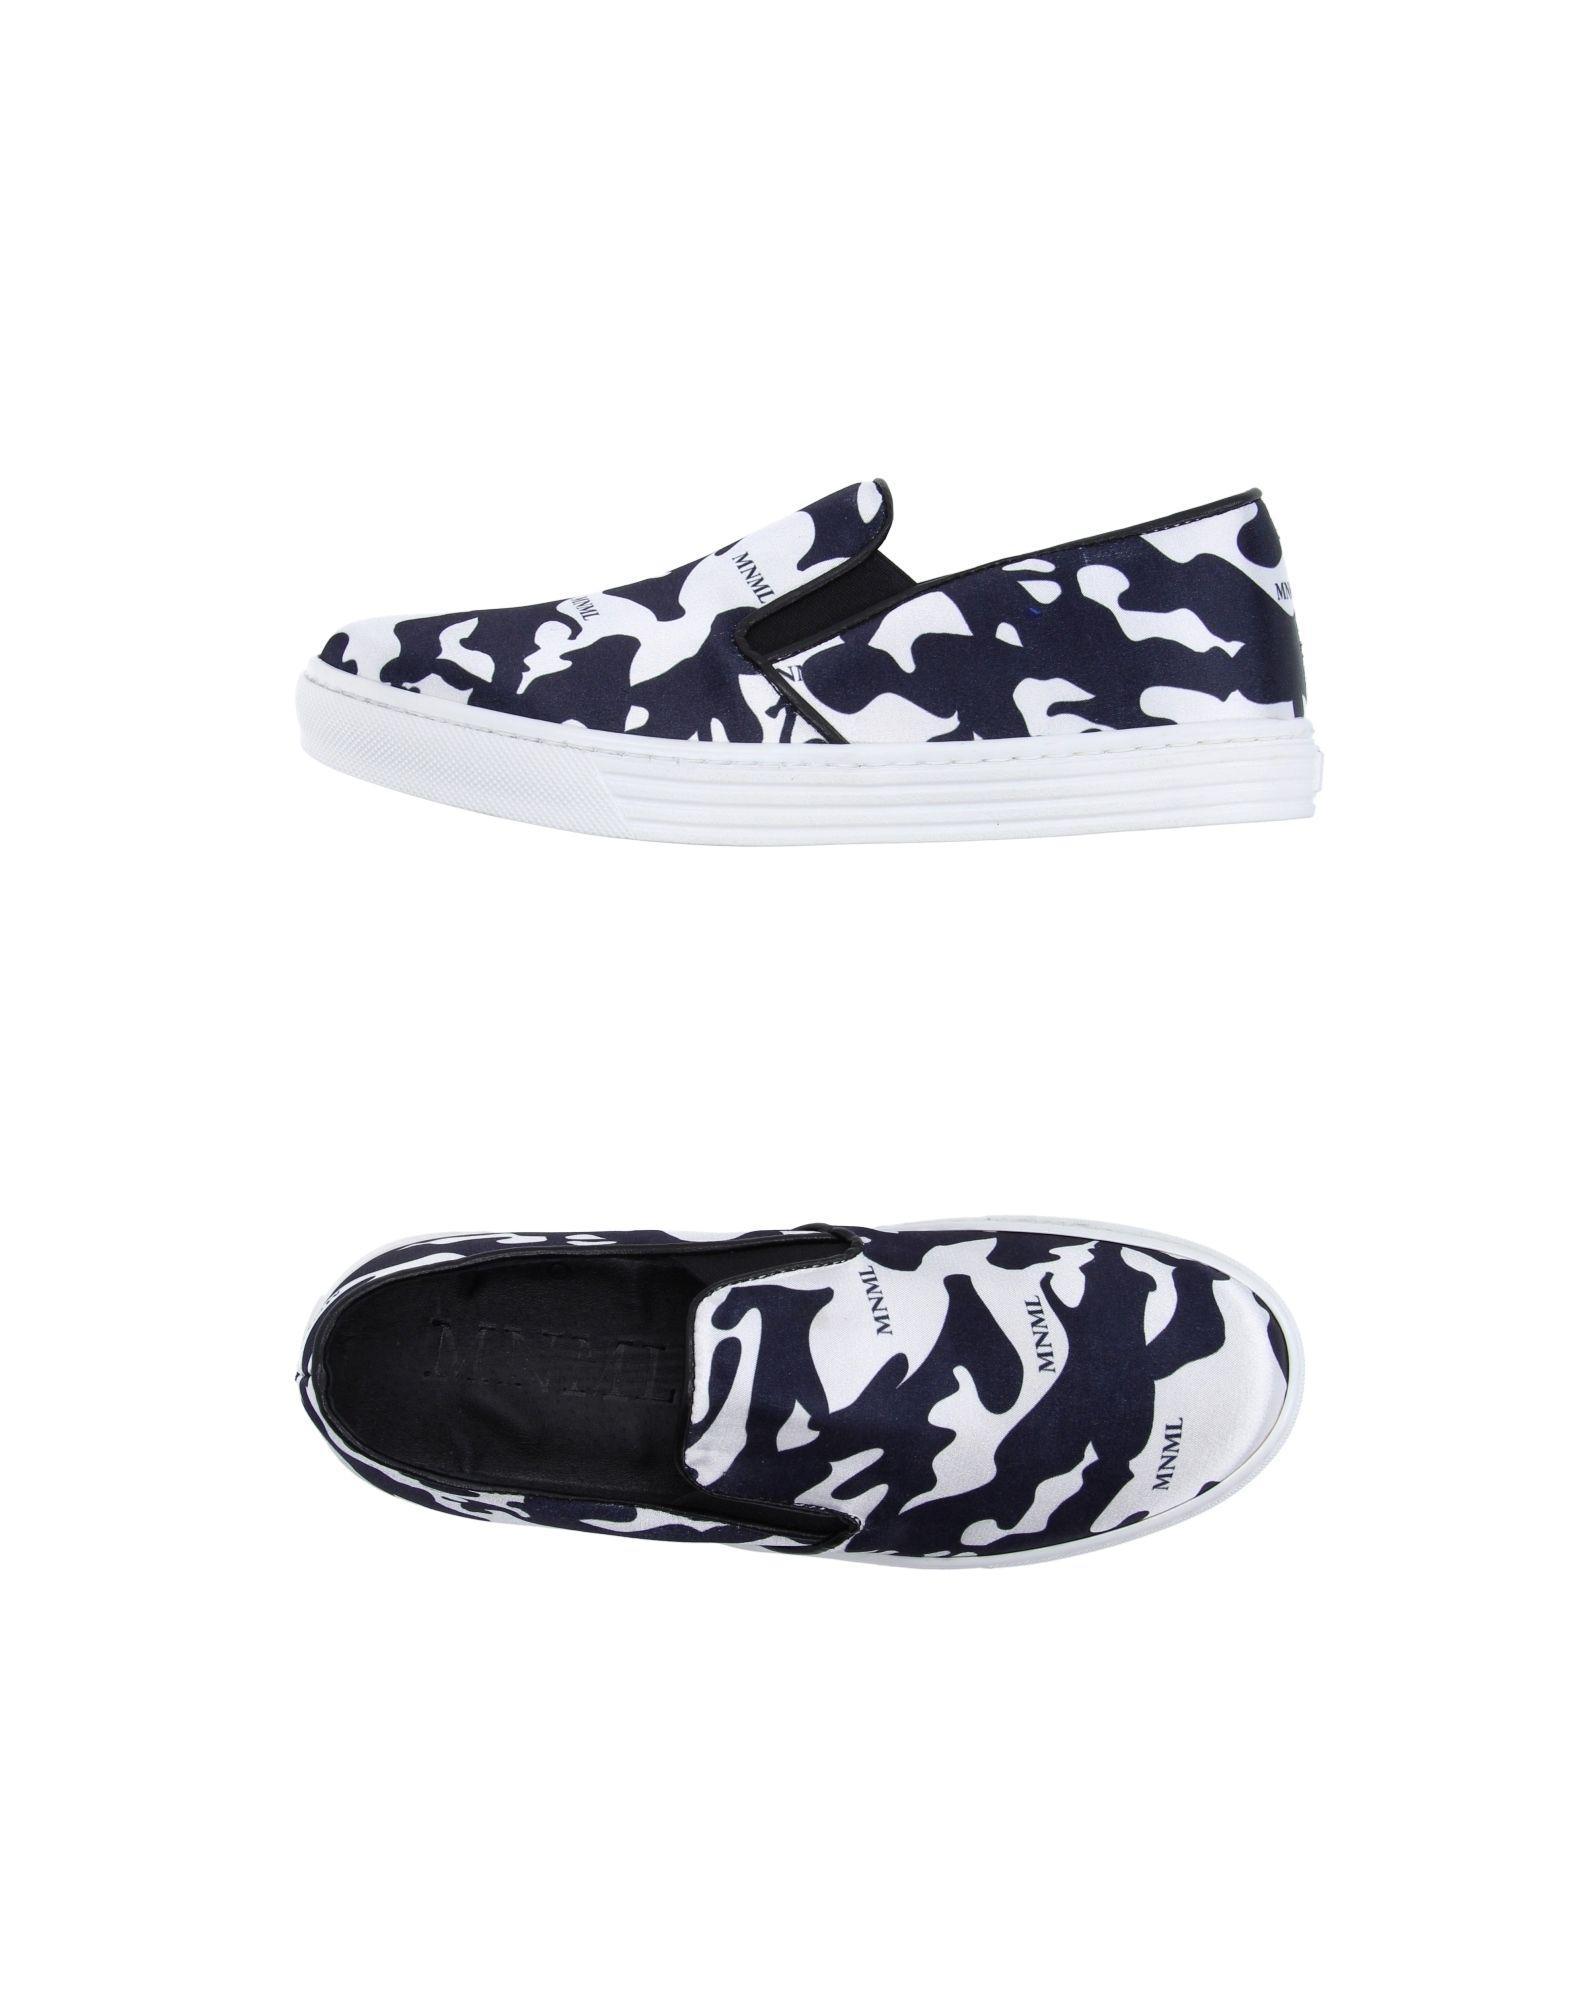 FOOTWEAR - Low-tops & sneakers Mnml Couture uV7rmrK5B